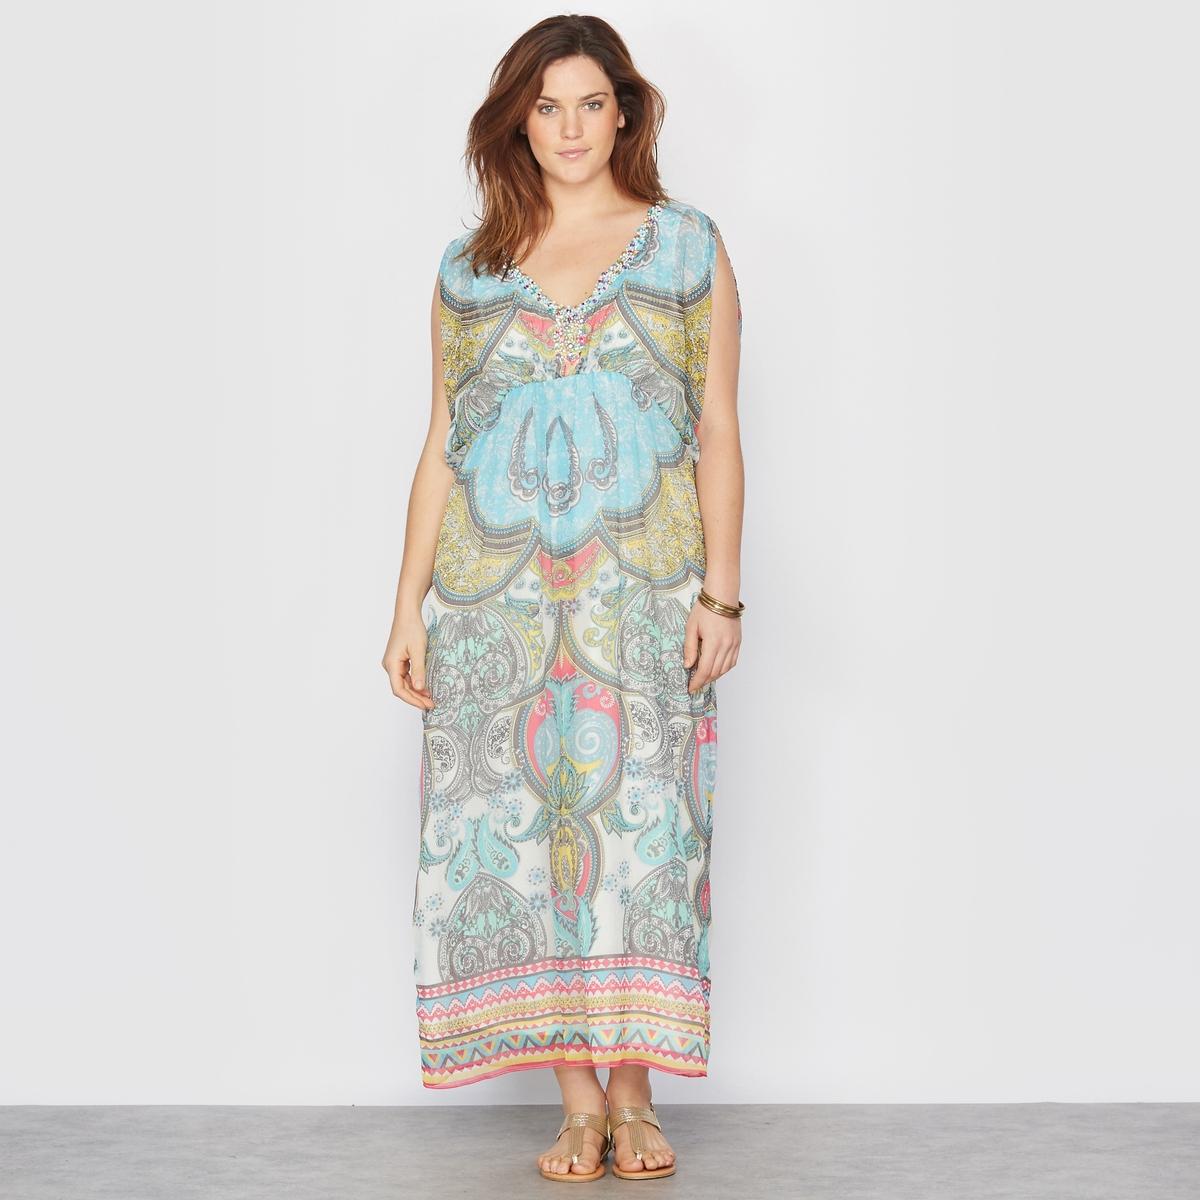 Платье длинное с рисункомПлатье. Длинное платье с драпировкой из вуали и рисунком на кашемире в изысканном и богемном стиле   . Глубокий V-образный вырез с декором . Рукава по локоть с разрезами на плече .  Эластичный пояс. 100% полиэстера. Длина 140 см.<br><br>Цвет: рисунок пейсли<br>Размер: 44 (FR) - 50 (RUS)